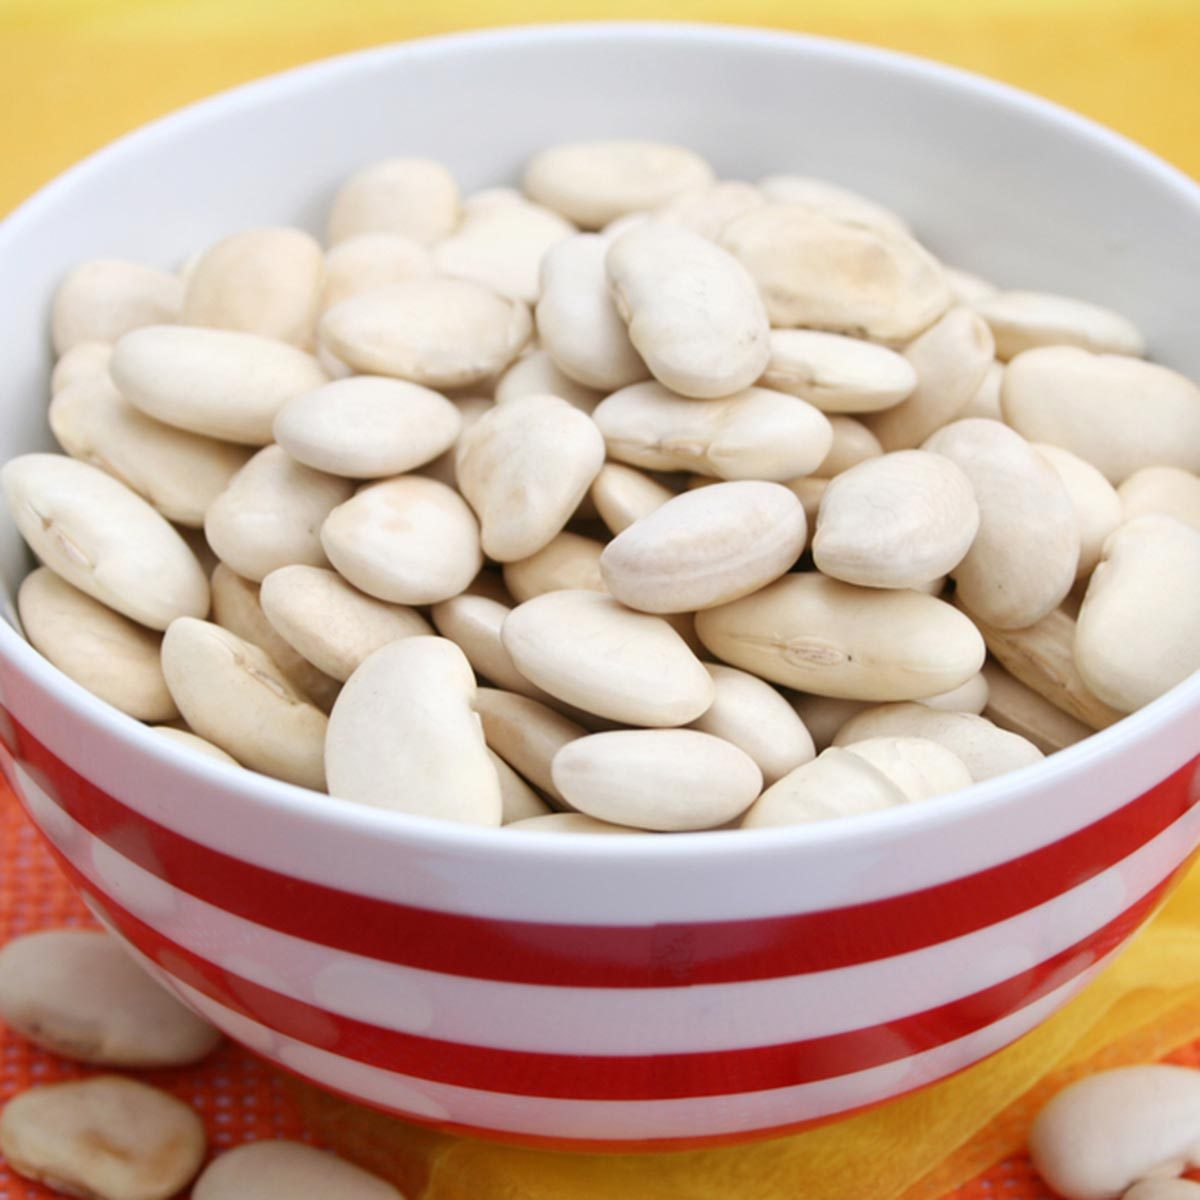 Des protéines végétales peuvent être ajoutées à votre smoothie avec des haricots secs.